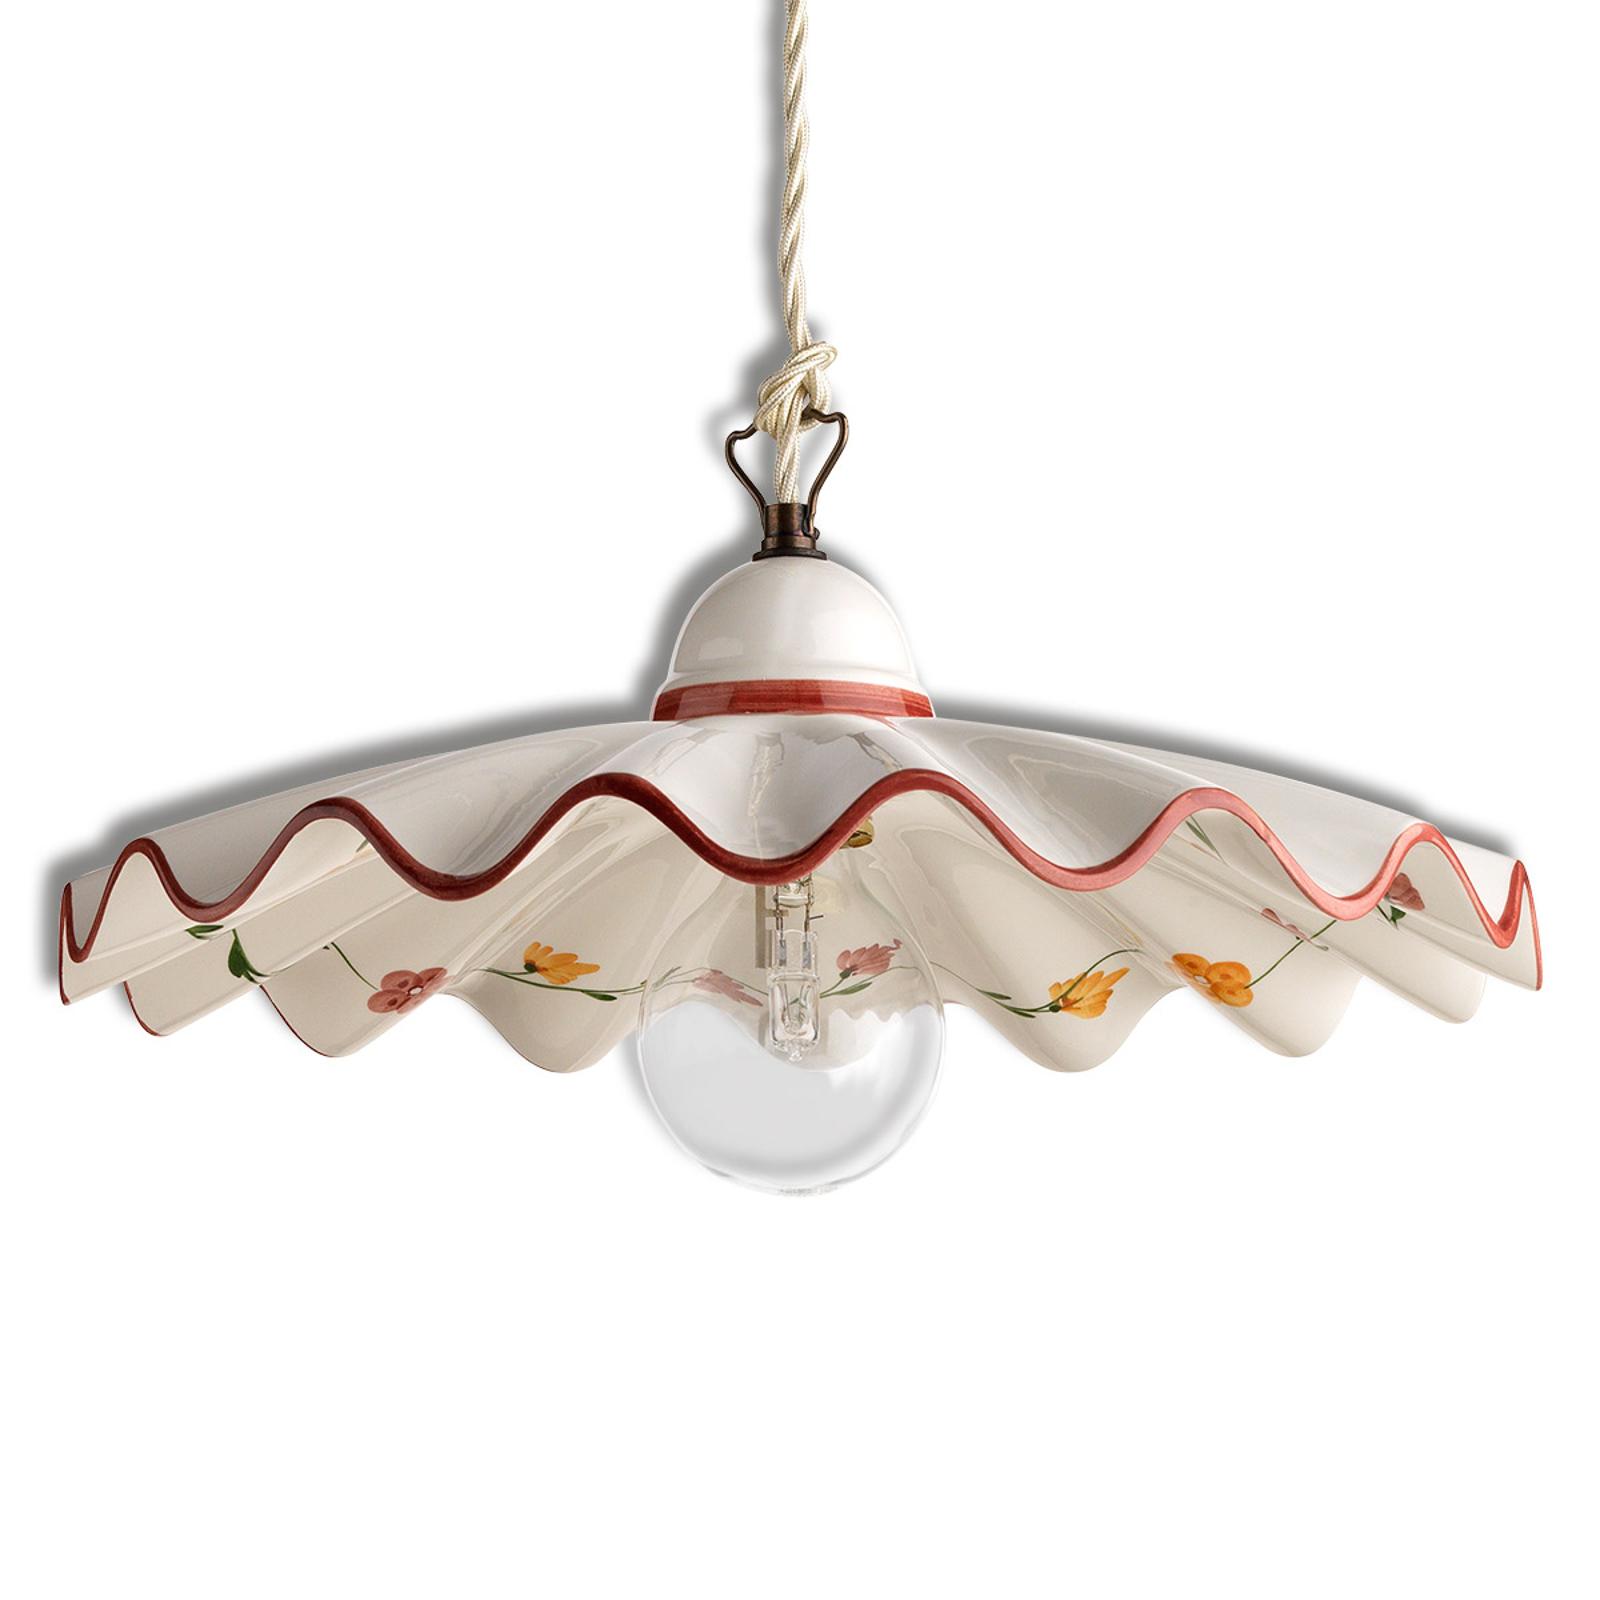 Keramická závesná lampa Ametista_3046027_1